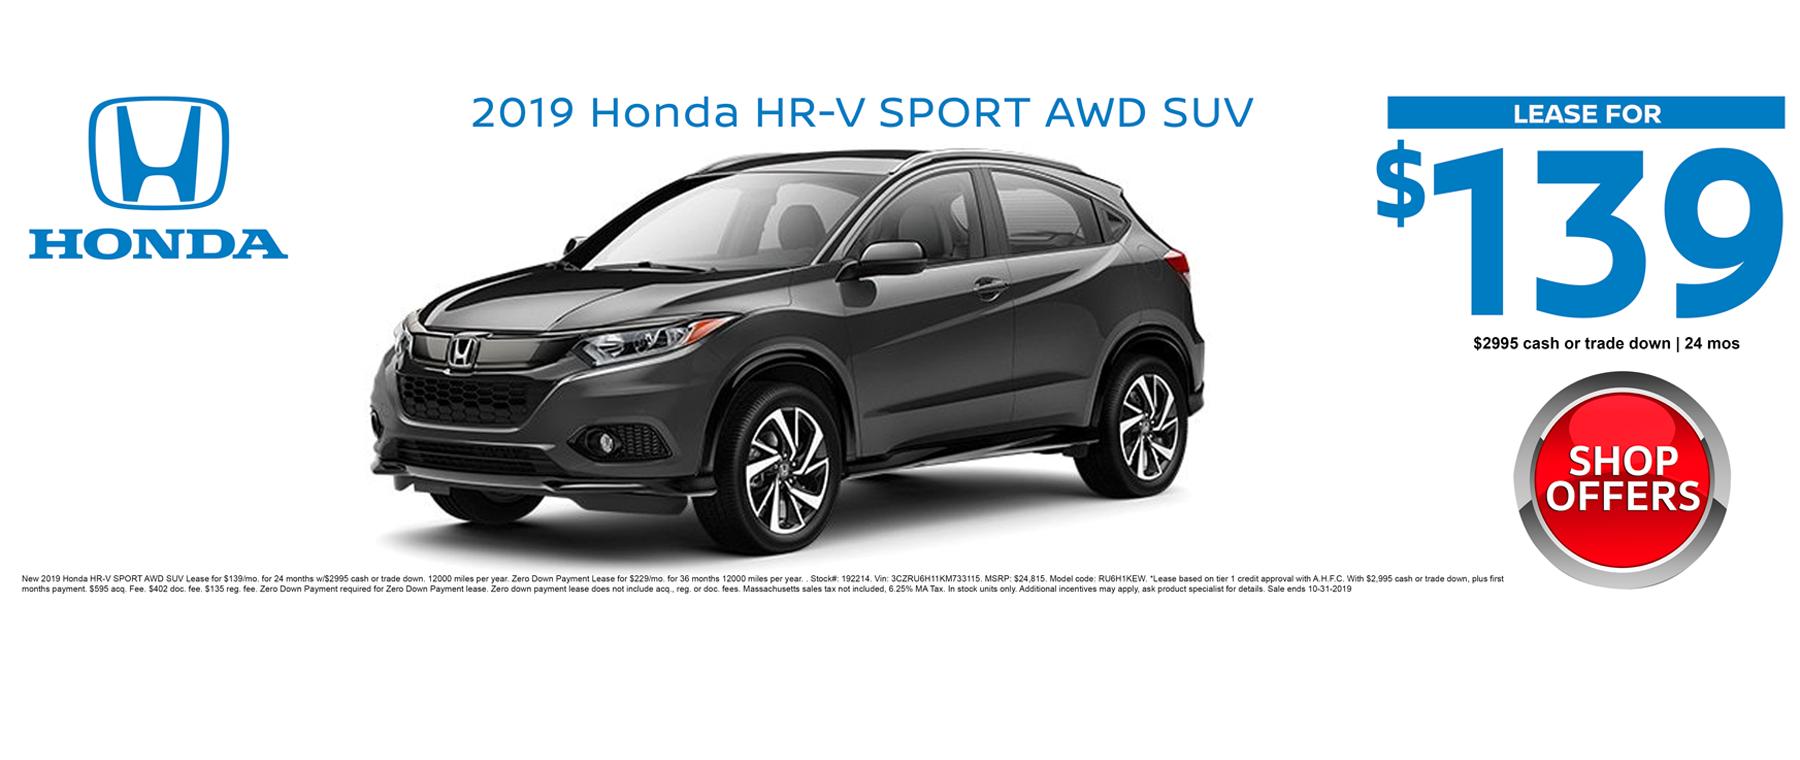 2019 Honda HR-V Crossover October 2019 Lease Special